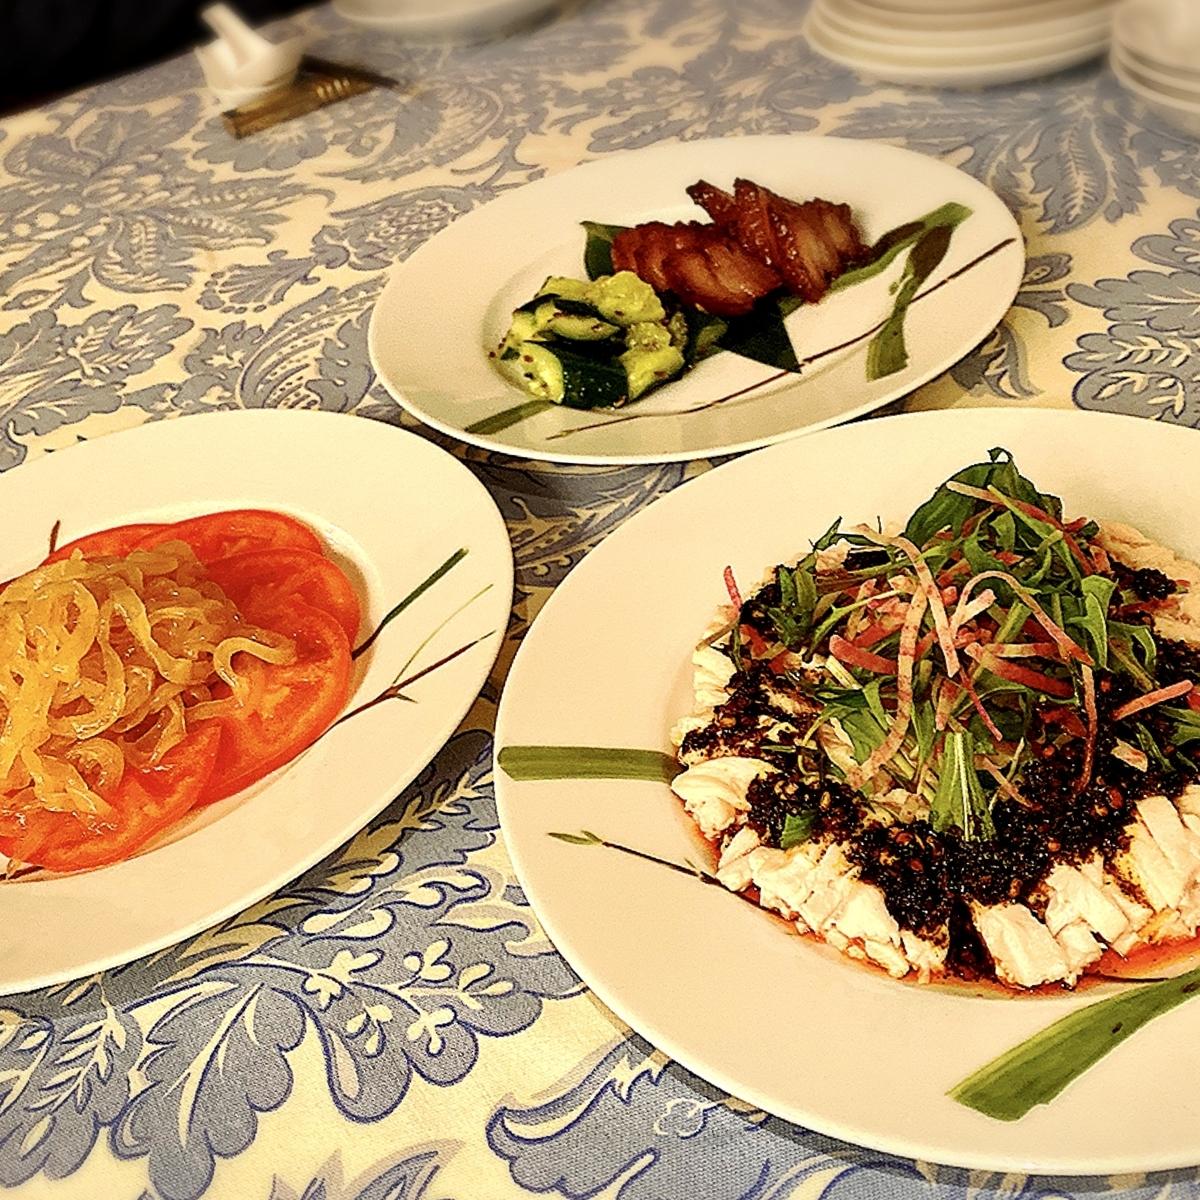 「トゥーランドット 臥龍居」はデート利用から接待など大事な飲み会まで多岐に渡って利用できるオシャレな中華料理屋でした